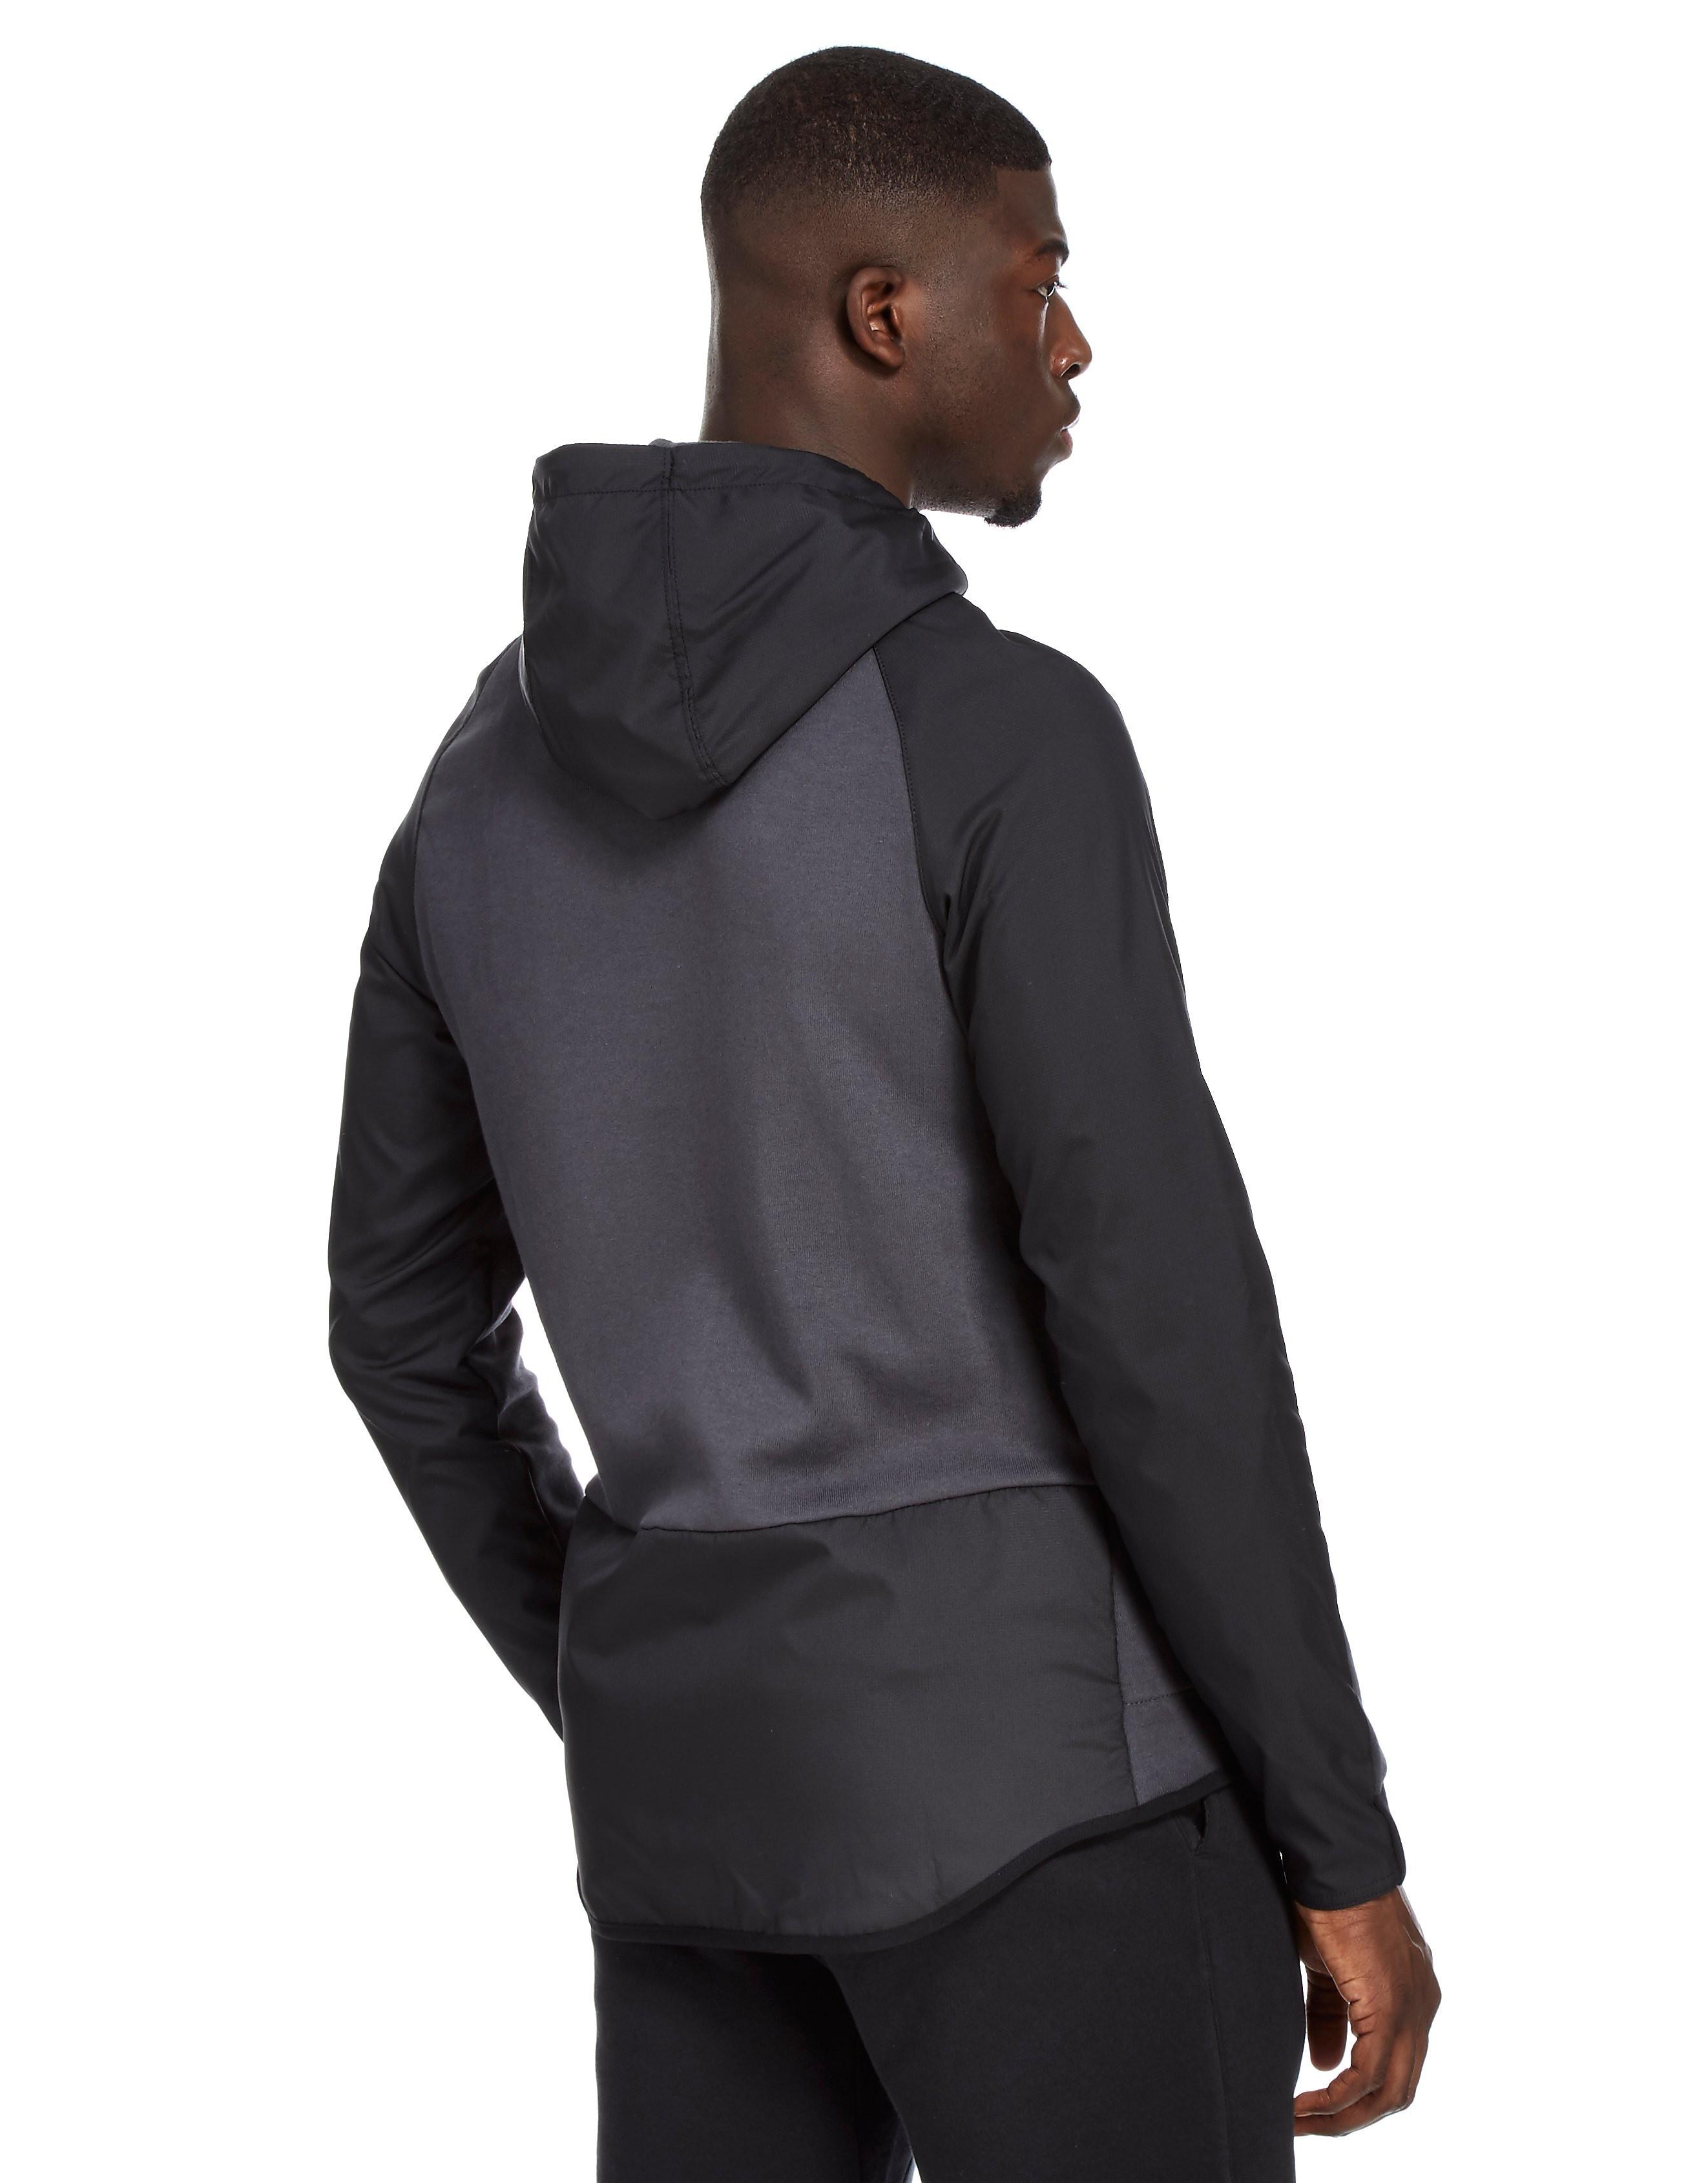 Nike Advance Full Zip Hoody